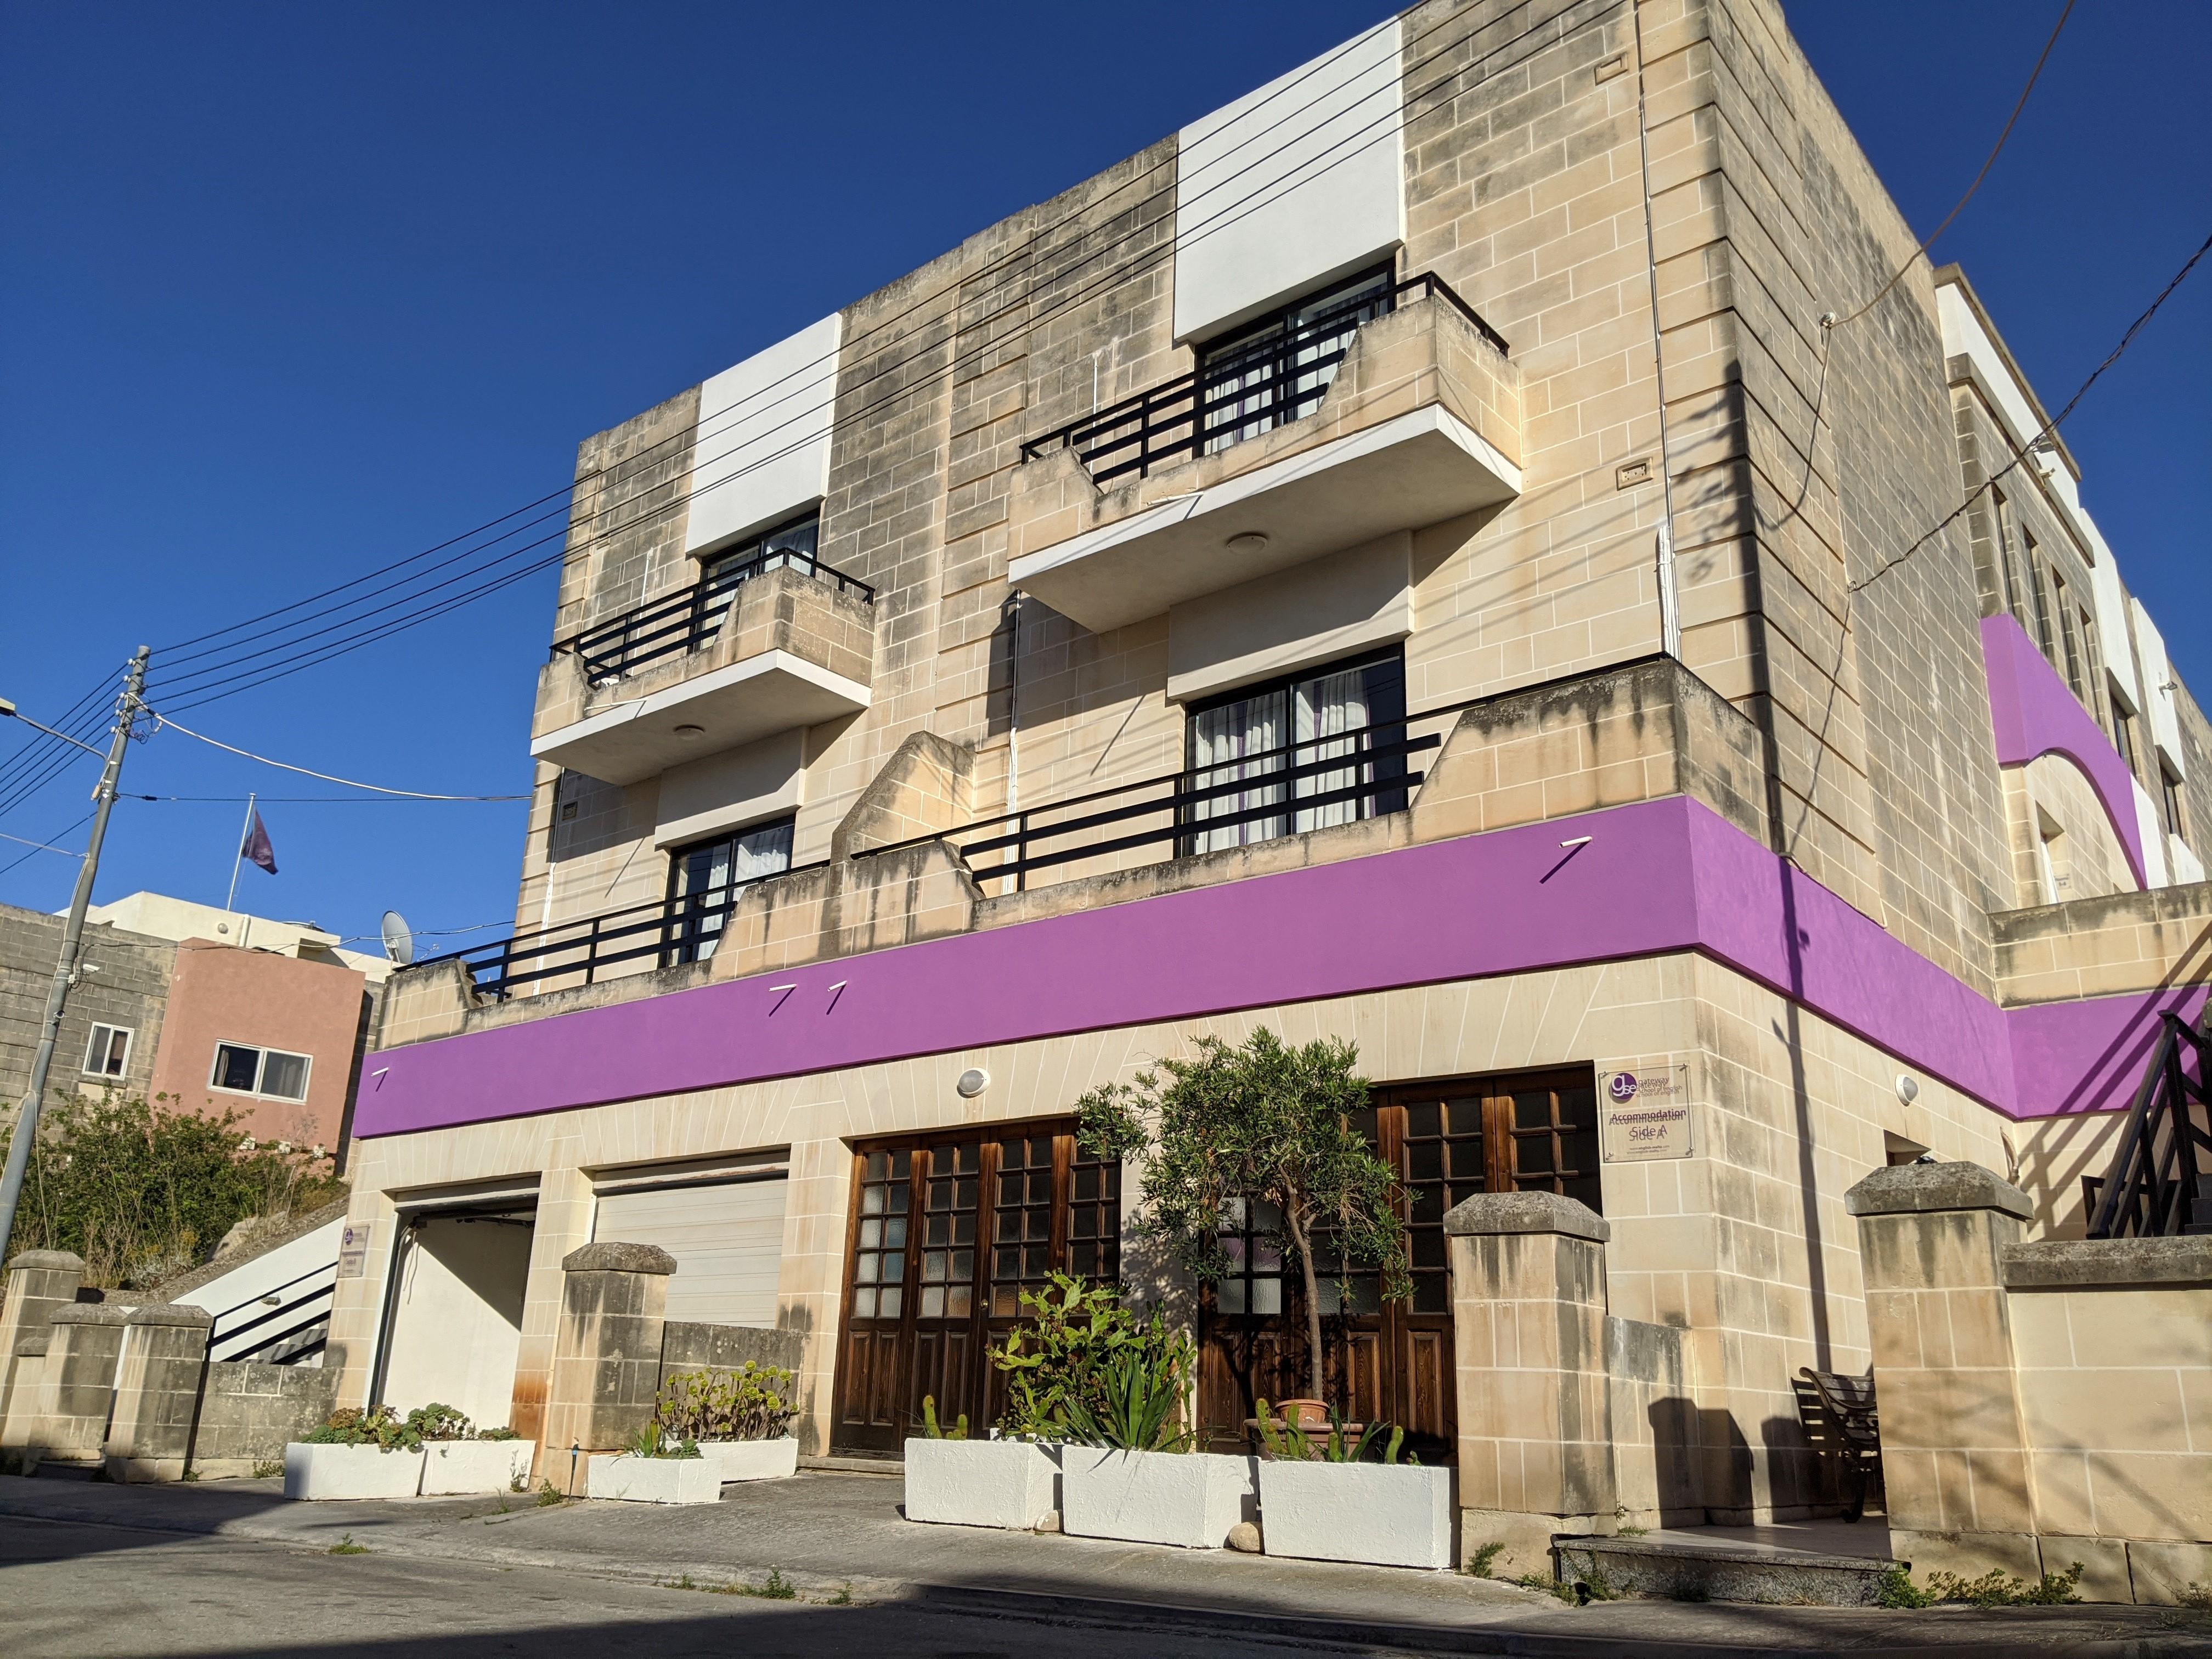 la résidence scolaire anglaise où les étudiants qui étudient l'anglais à malte peuvent vivre appelée résidence GSE Gateway